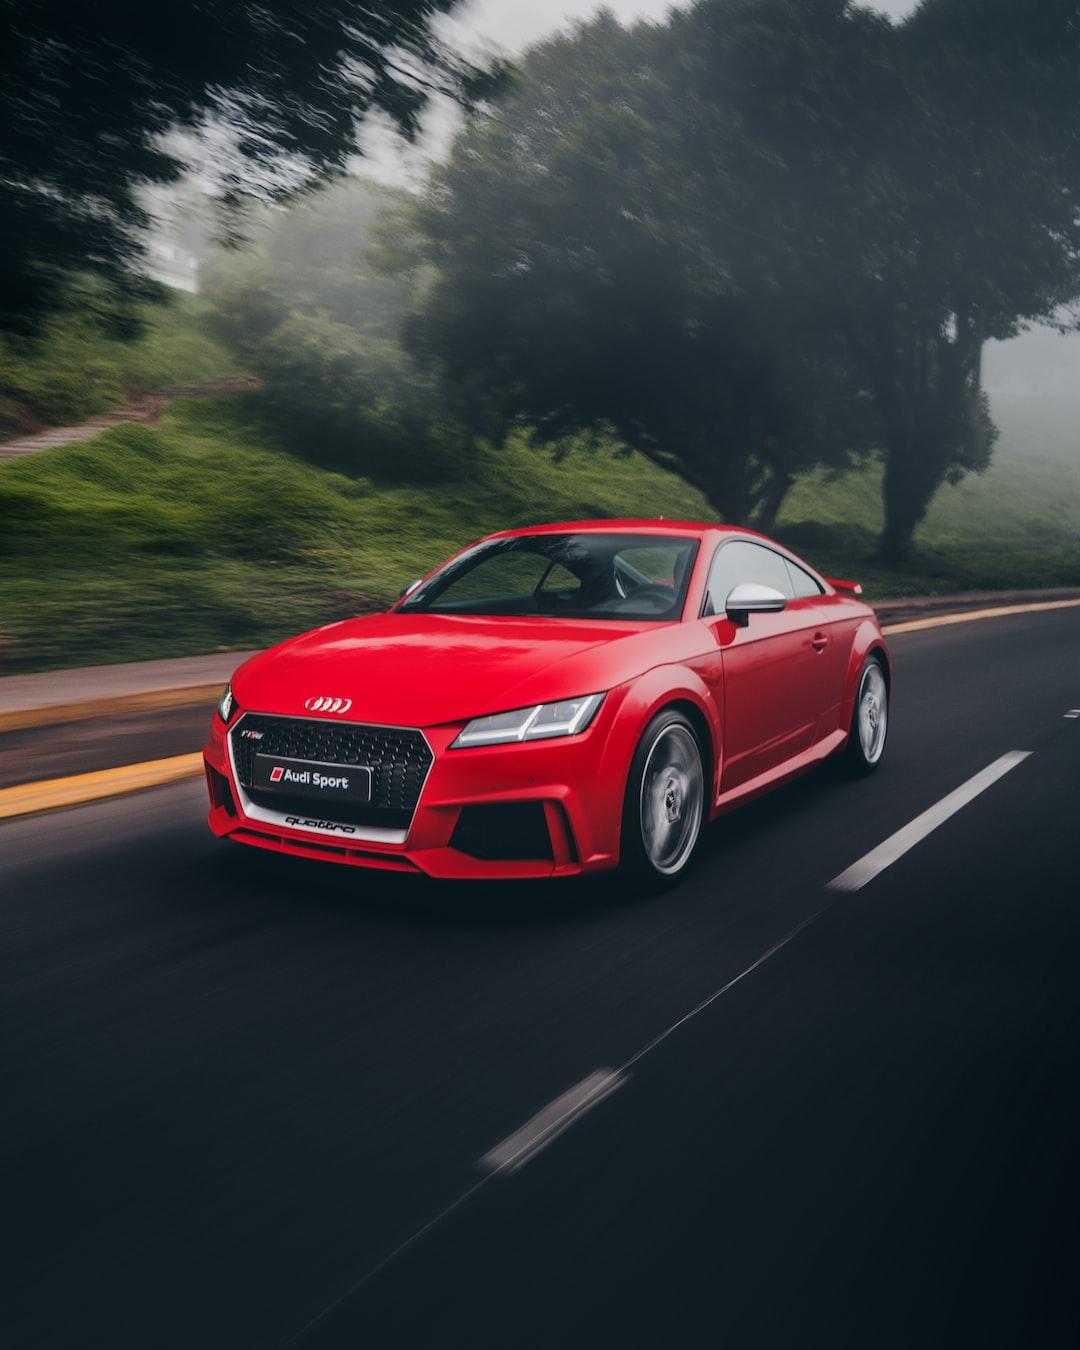 Best 500+ Car Photos [Spectacular]